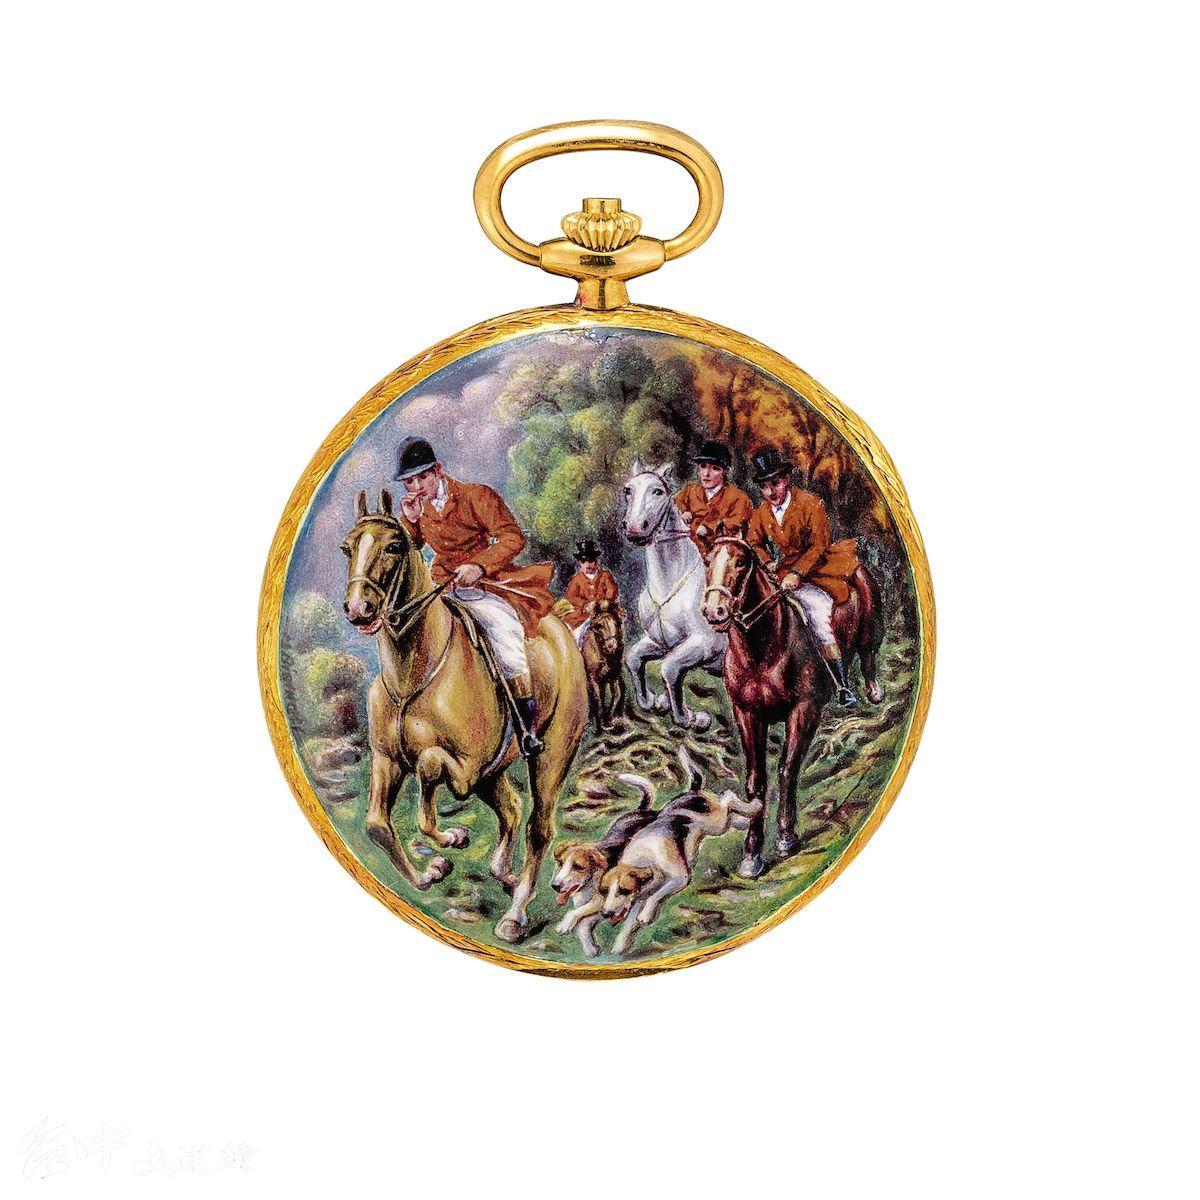 百達翡麗型號 823/003 黃金獵殼懷錶,此為其中一只,配 Madame Marthe Bischoff 臨摹 Carle Vernet 油畫作品的雙面微繪琺瑯。 Gübelin 發行,附原廠證書、收據及盒子,1976年製。估價 877萬新台幣。(圖:業者提供)